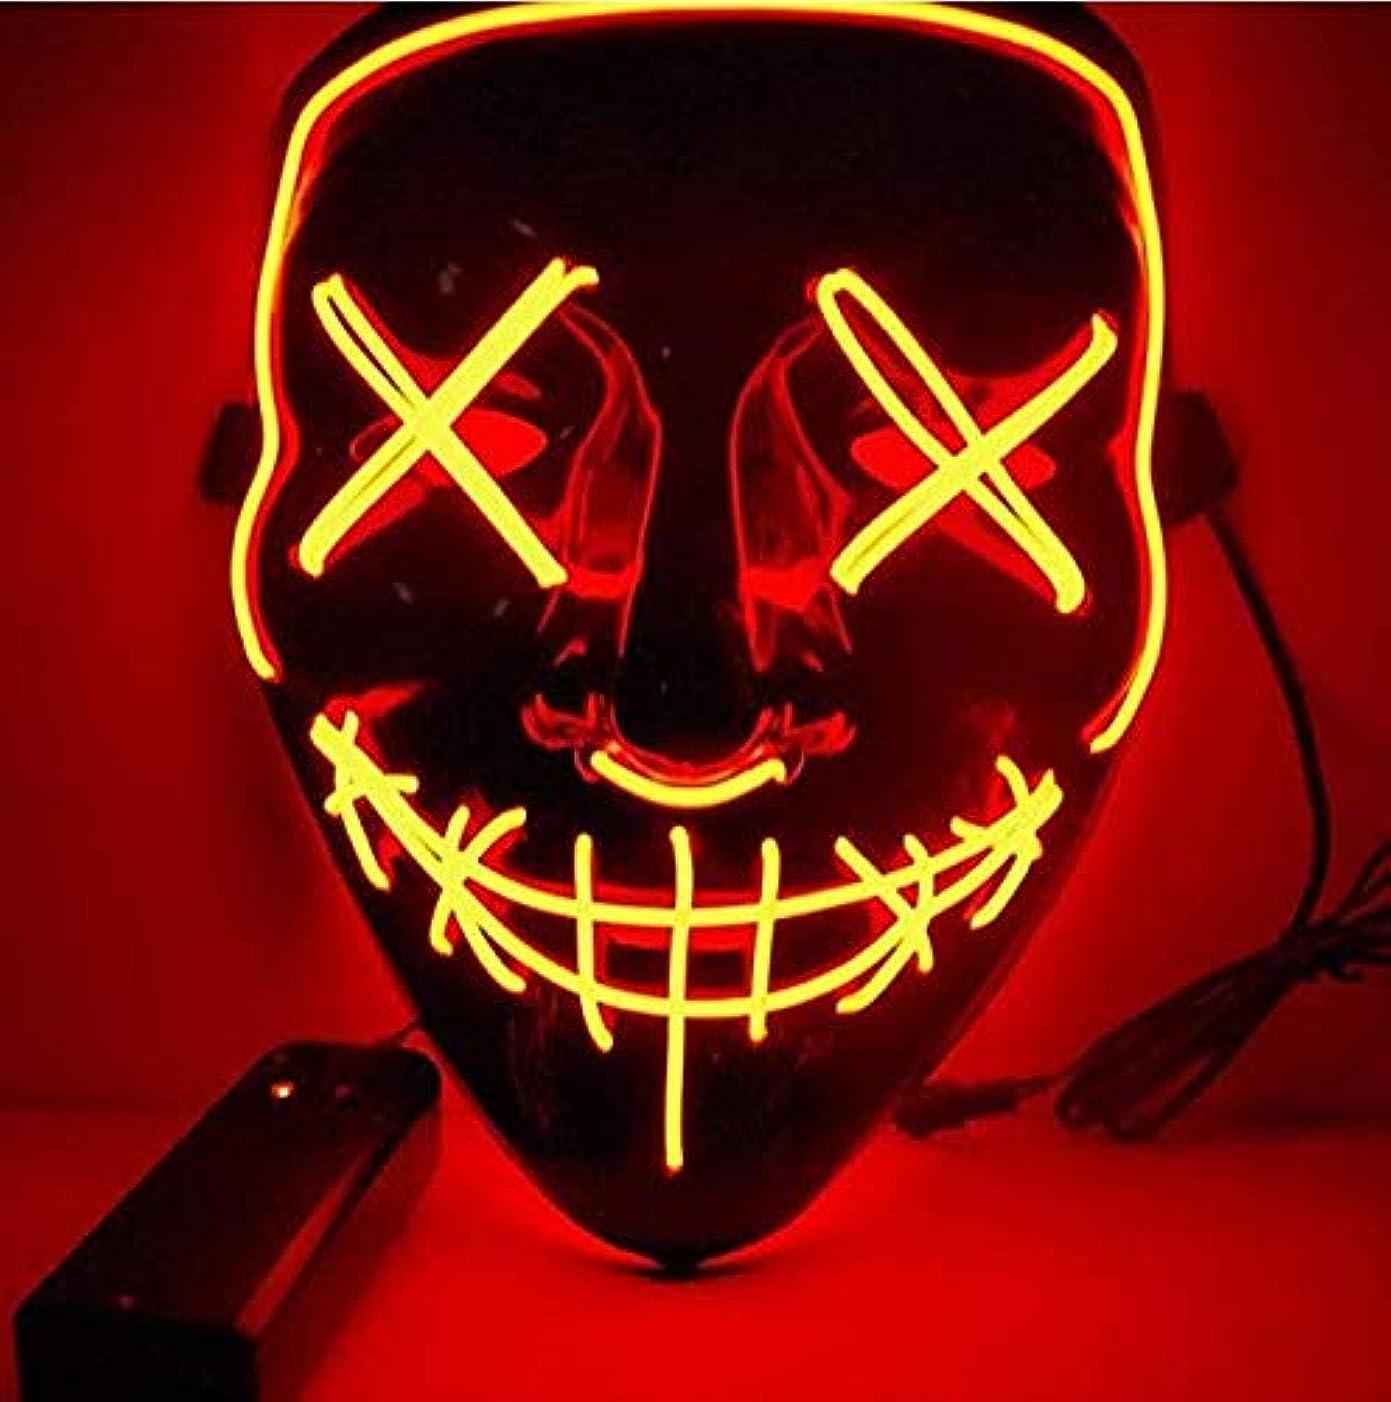 美容師波紋クライアントハロウィンマスクLEDライトアップパーティーマスクコスプレコスチュームサプライ暗闇で光る (Color : ROSE RED)